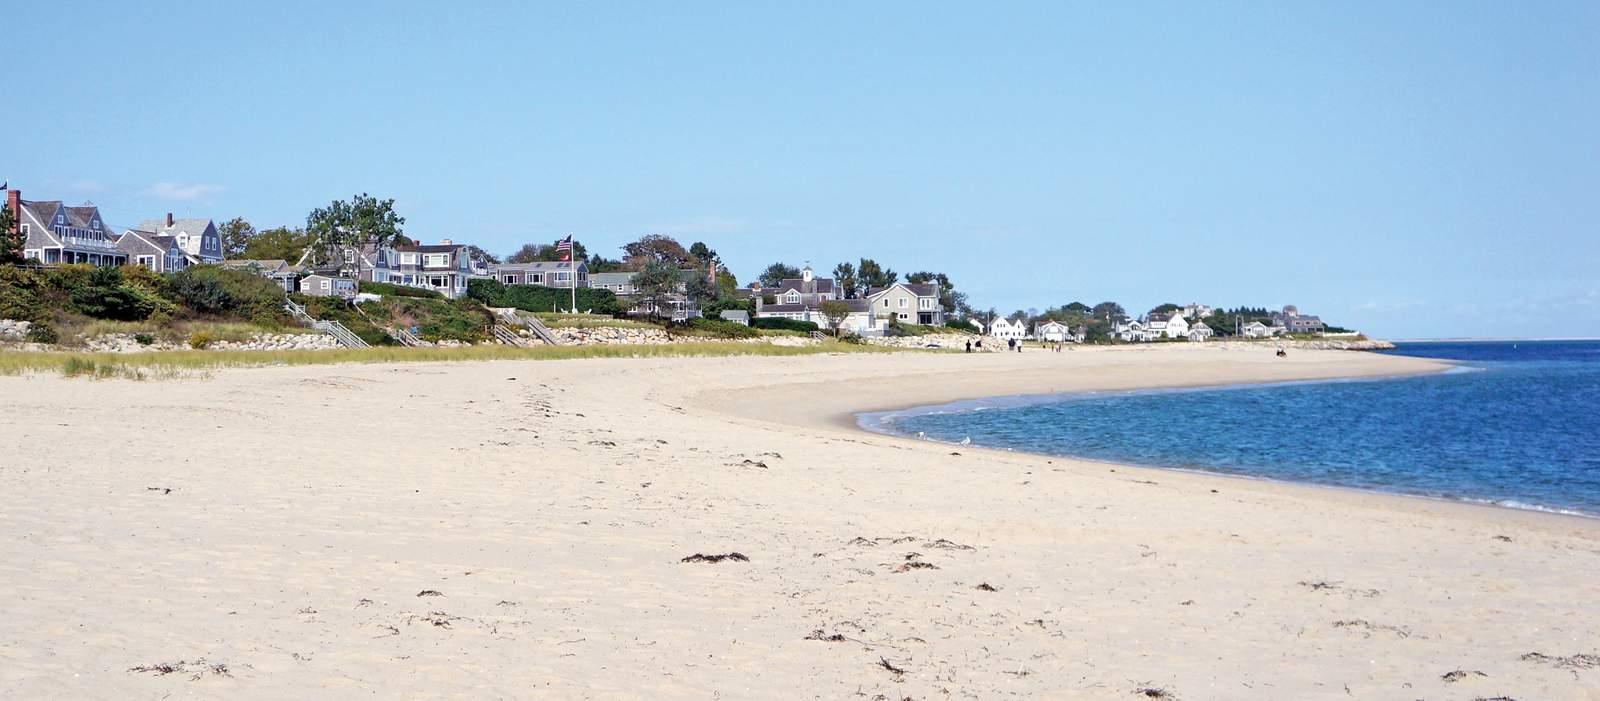 Strand von Chatham